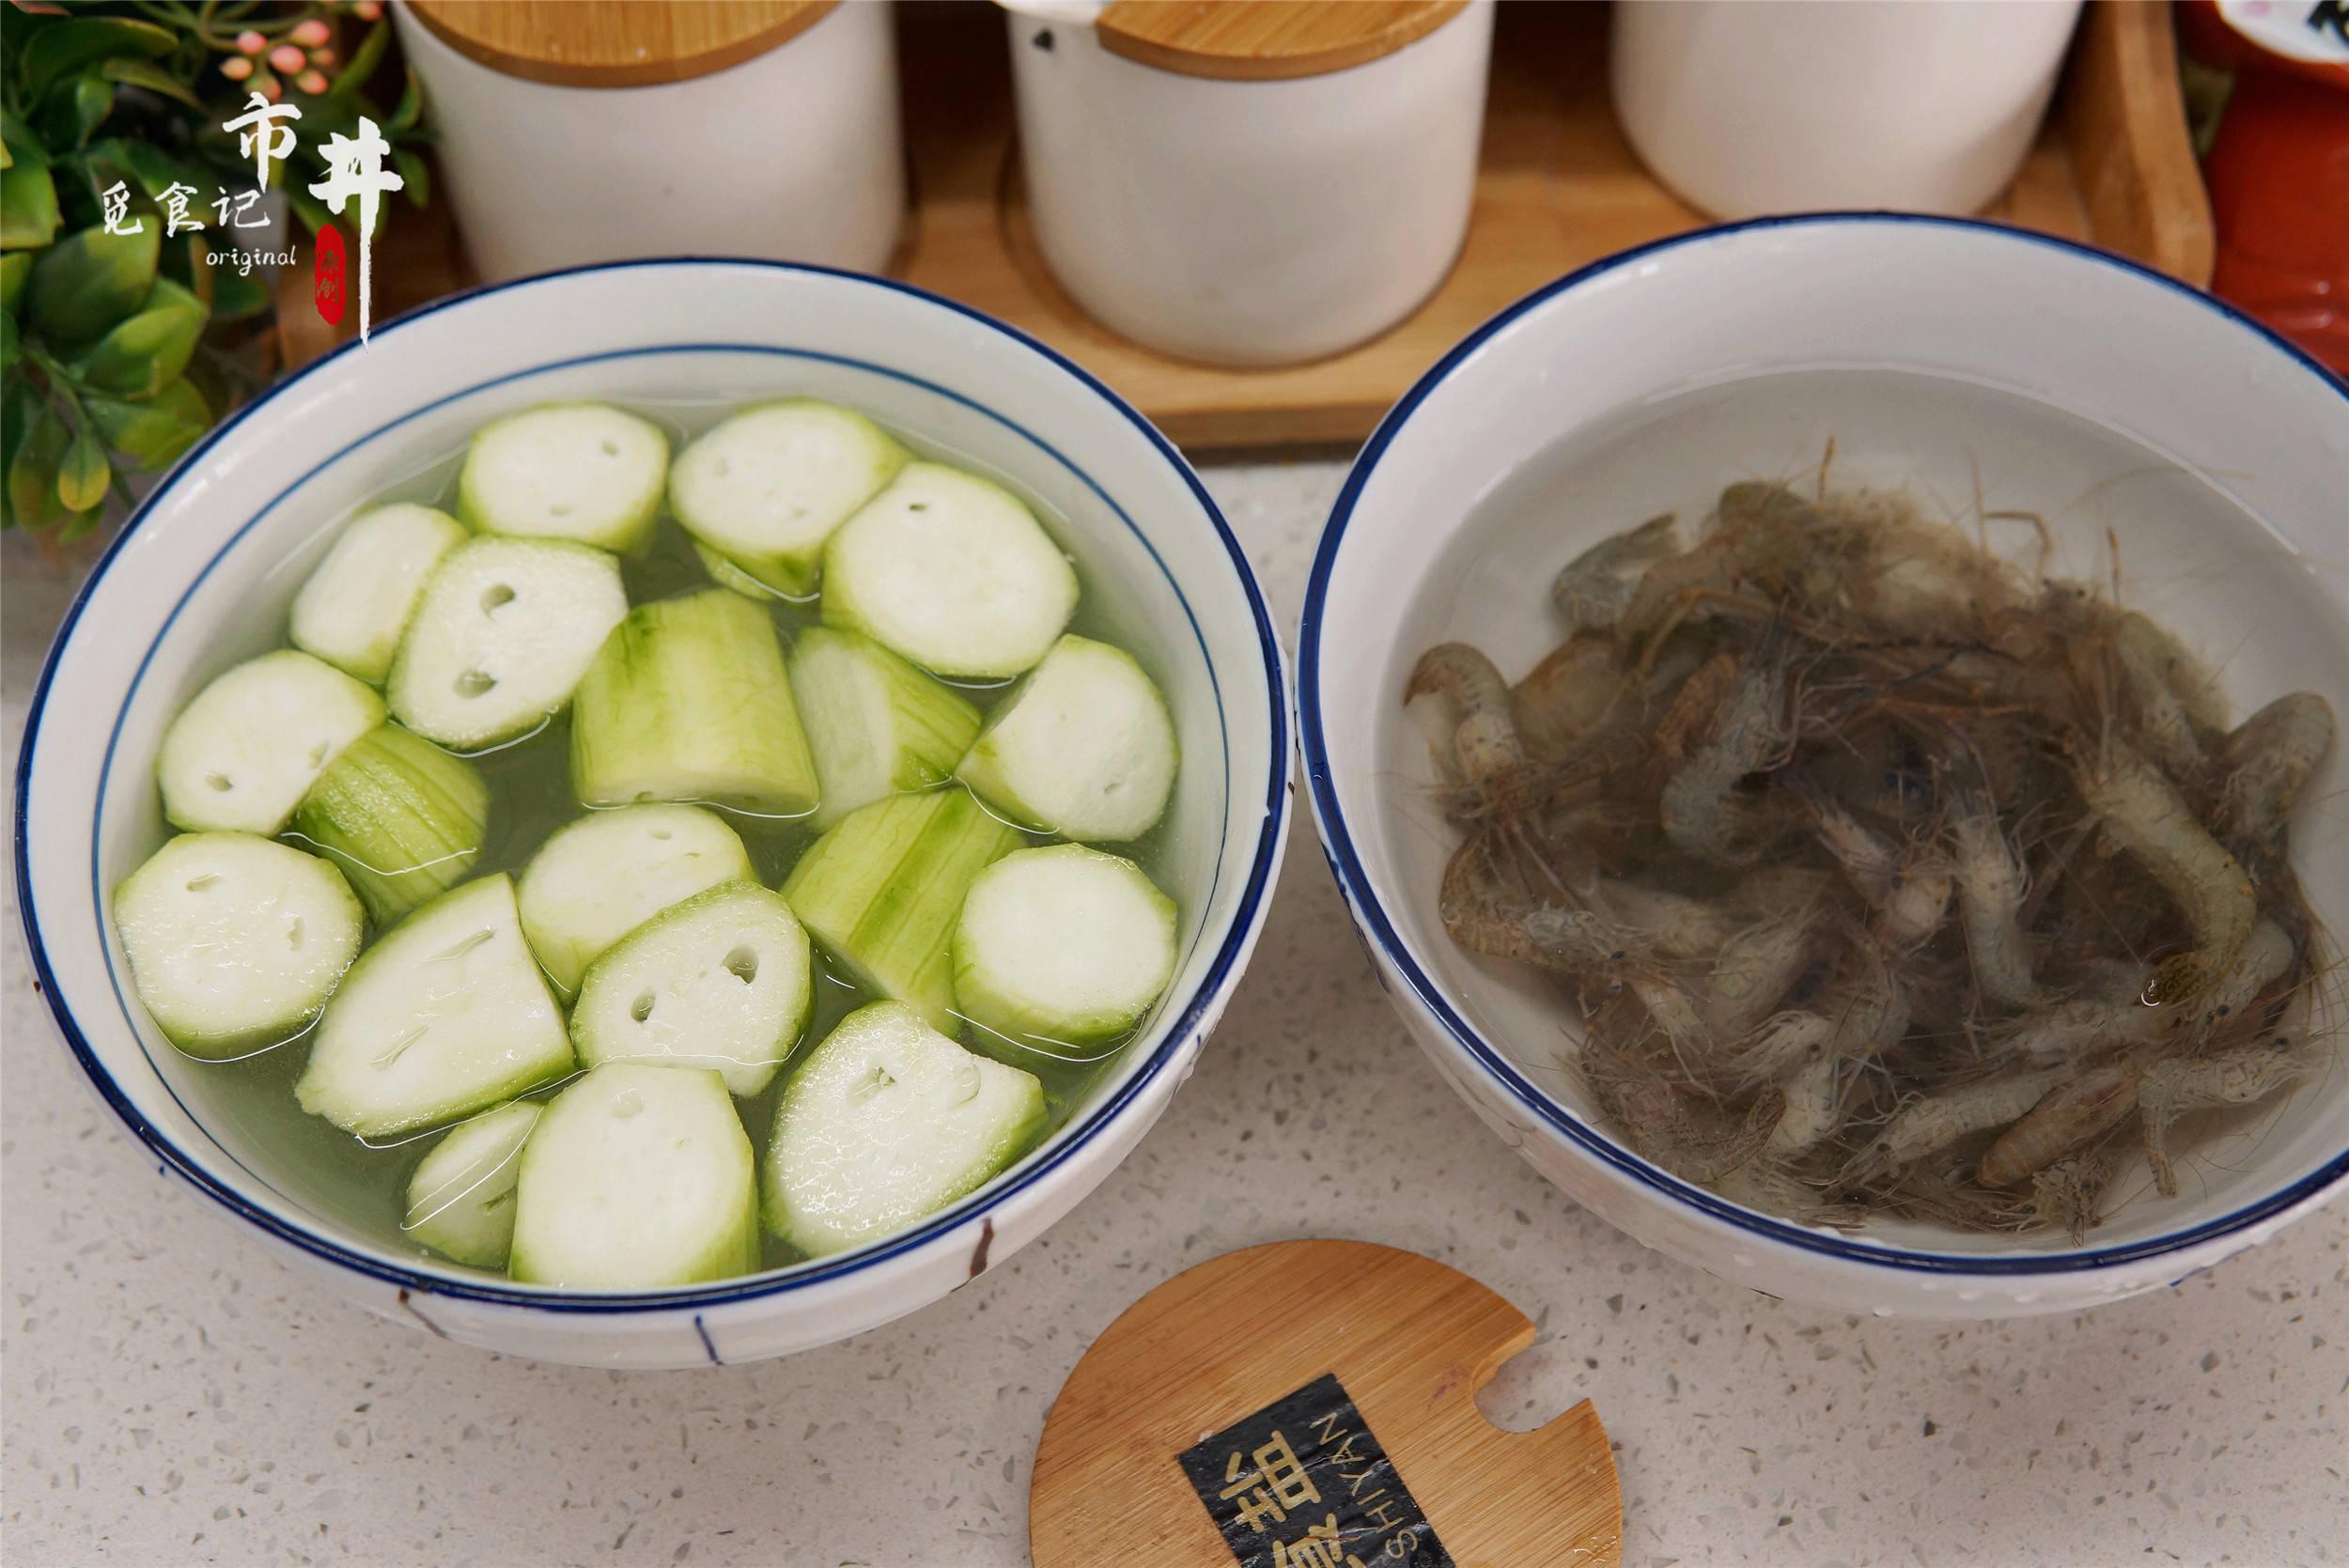 立夏将至,入夏后女人多吃丝瓜,和这河鲜巧搭配,营养又对皮肤好